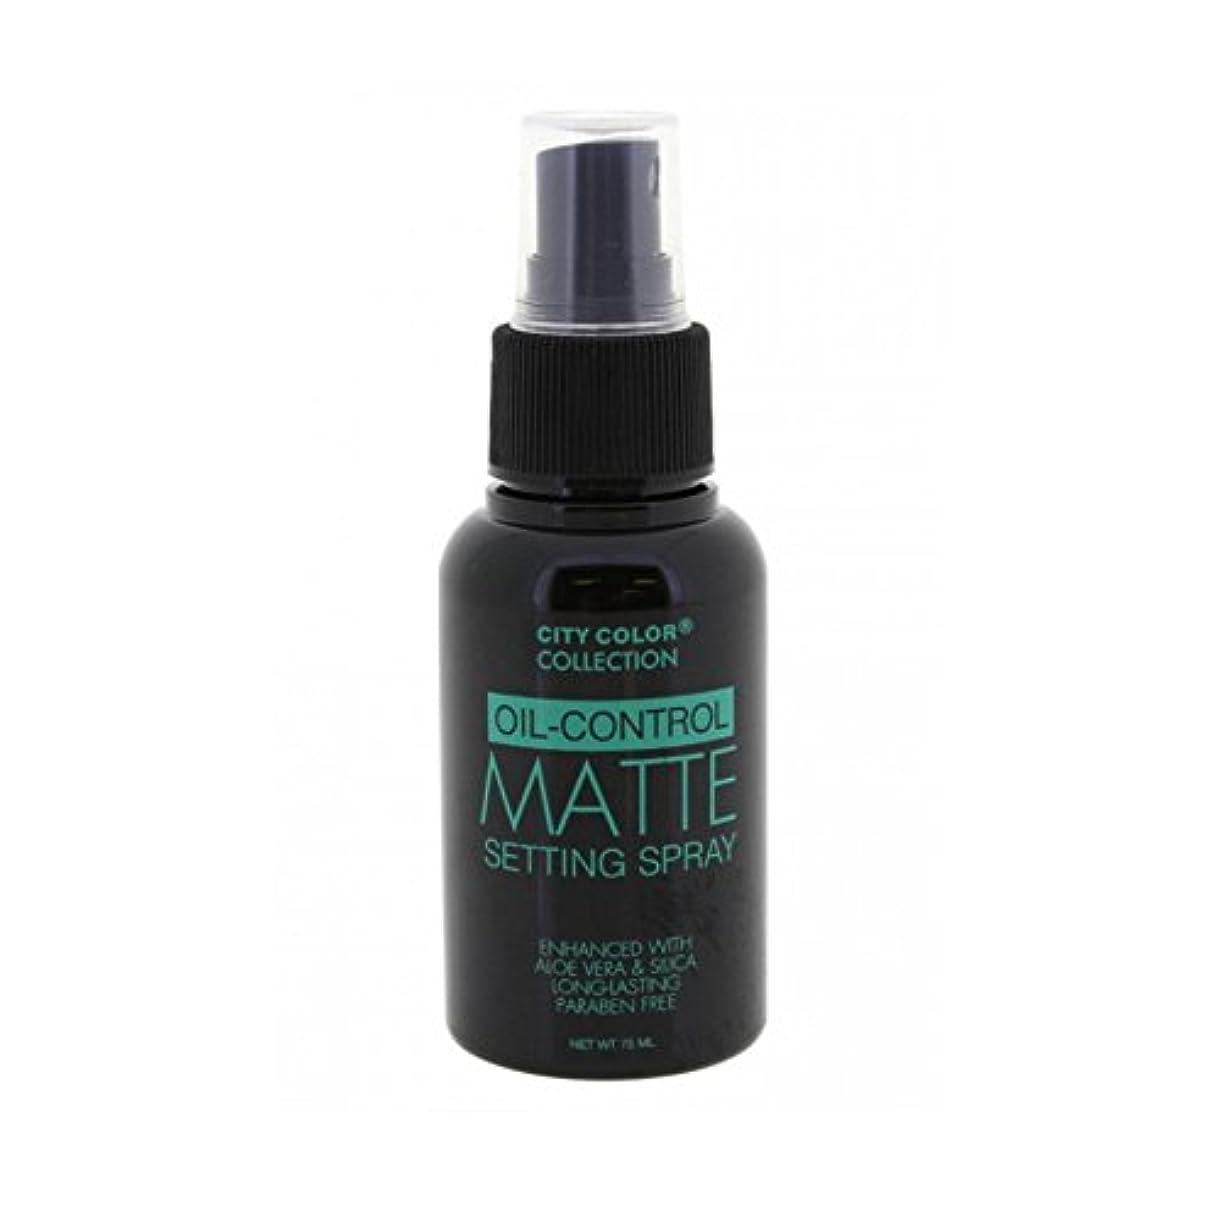 郵便屋さん非常に条件付き(3 Pack) CITY COLOR Oil-Control Matte Setting Spray (並行輸入品)